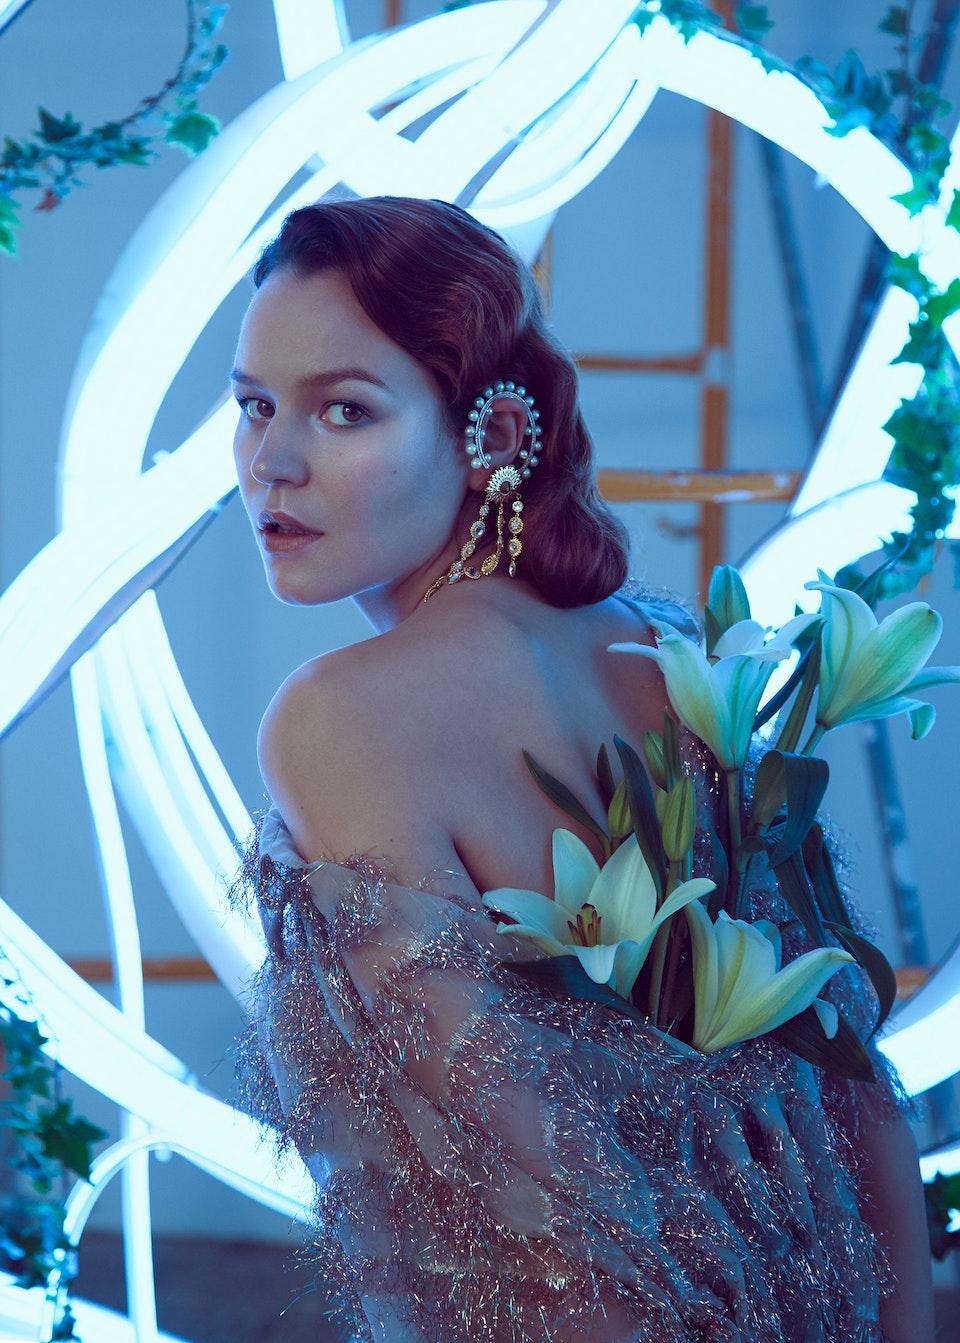 PLAYGROUND. Full Service Production Co. - 'Joana de Verona' - Parq Mag